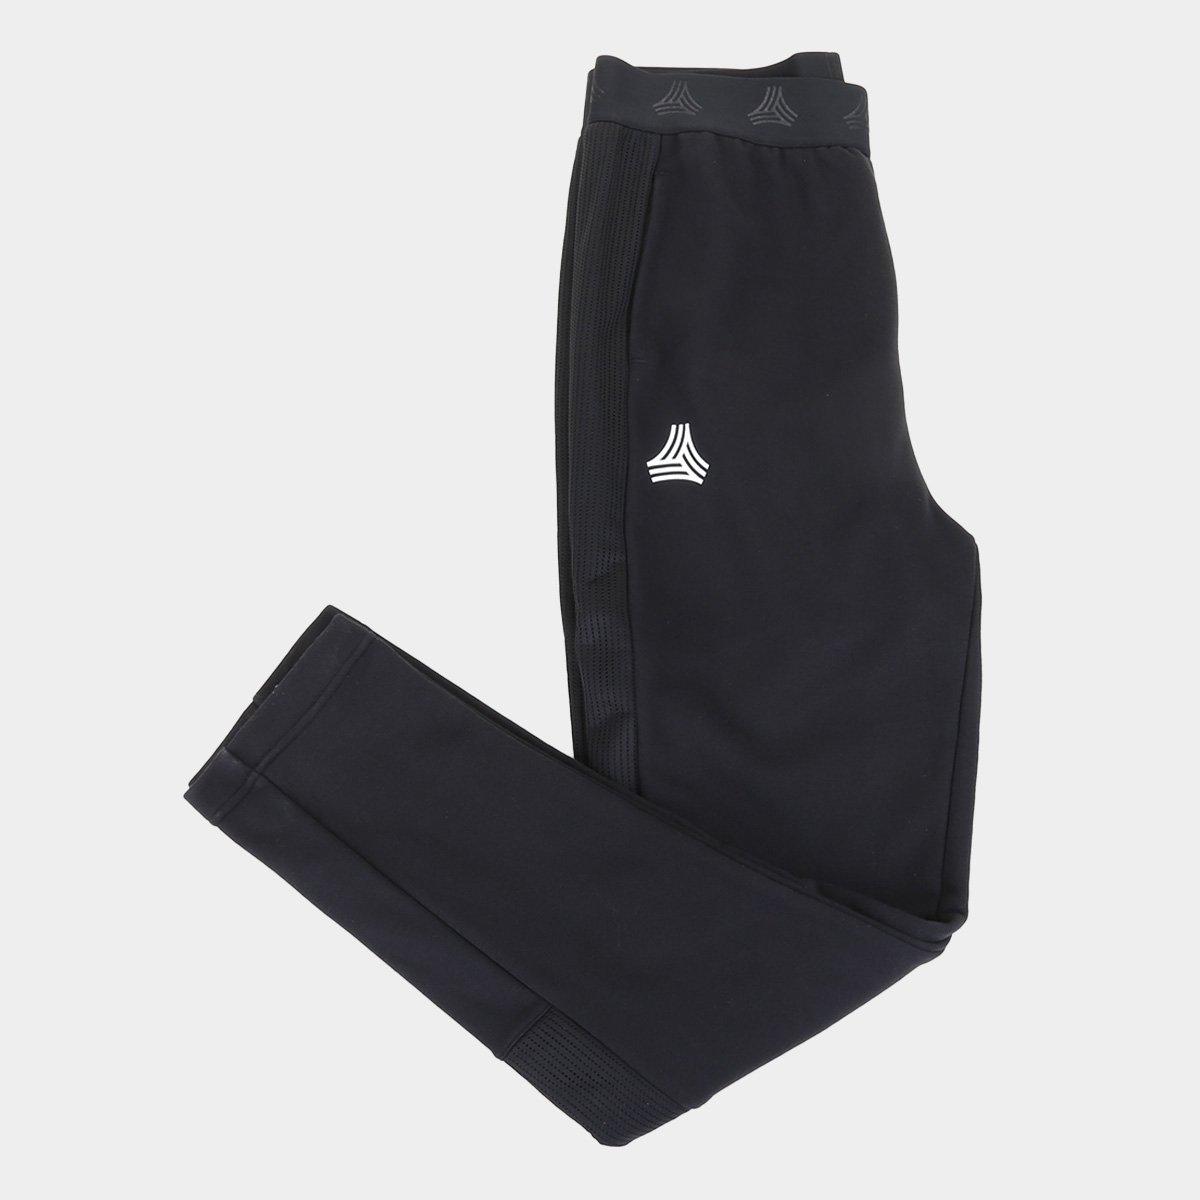 Calça Infantil Adidas Tiro Tango Masculina